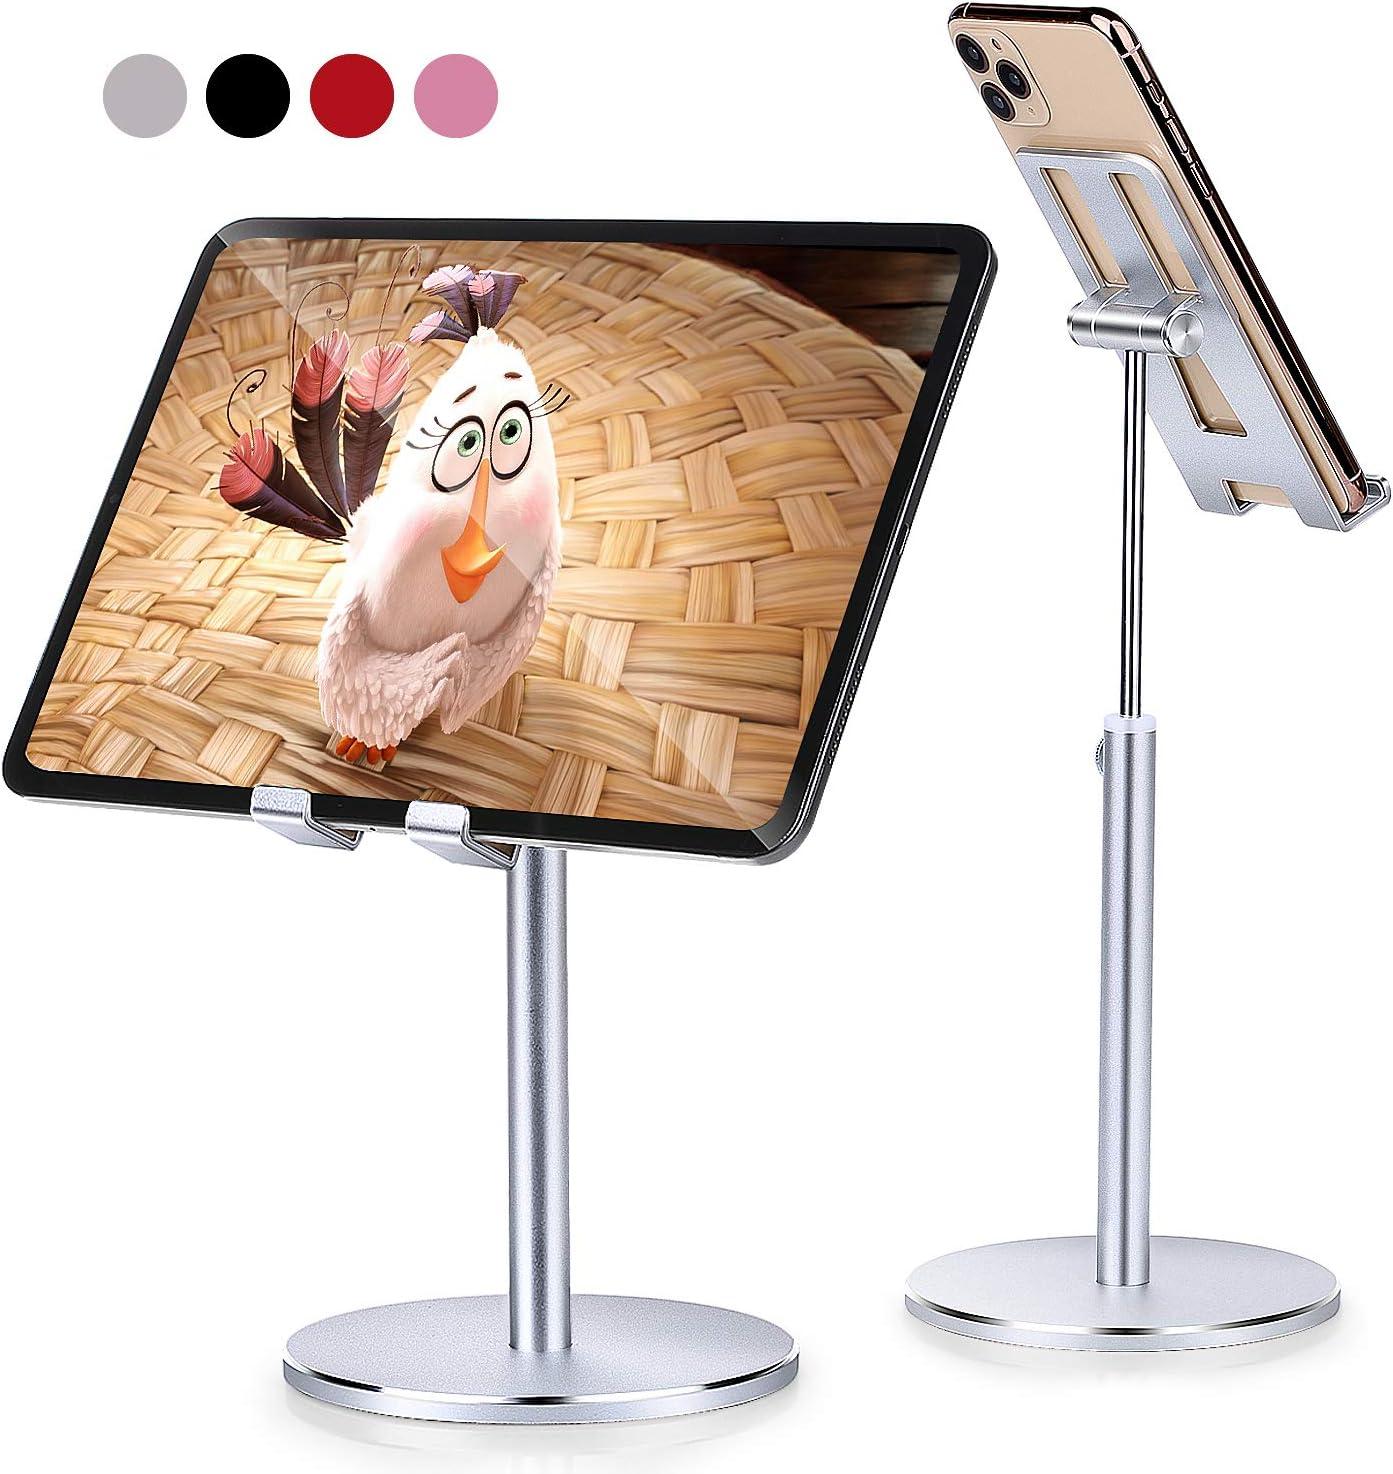 Phone Tablet Super intense SALE Stand Holder Aupek Angle half Adjustable Height Desktop